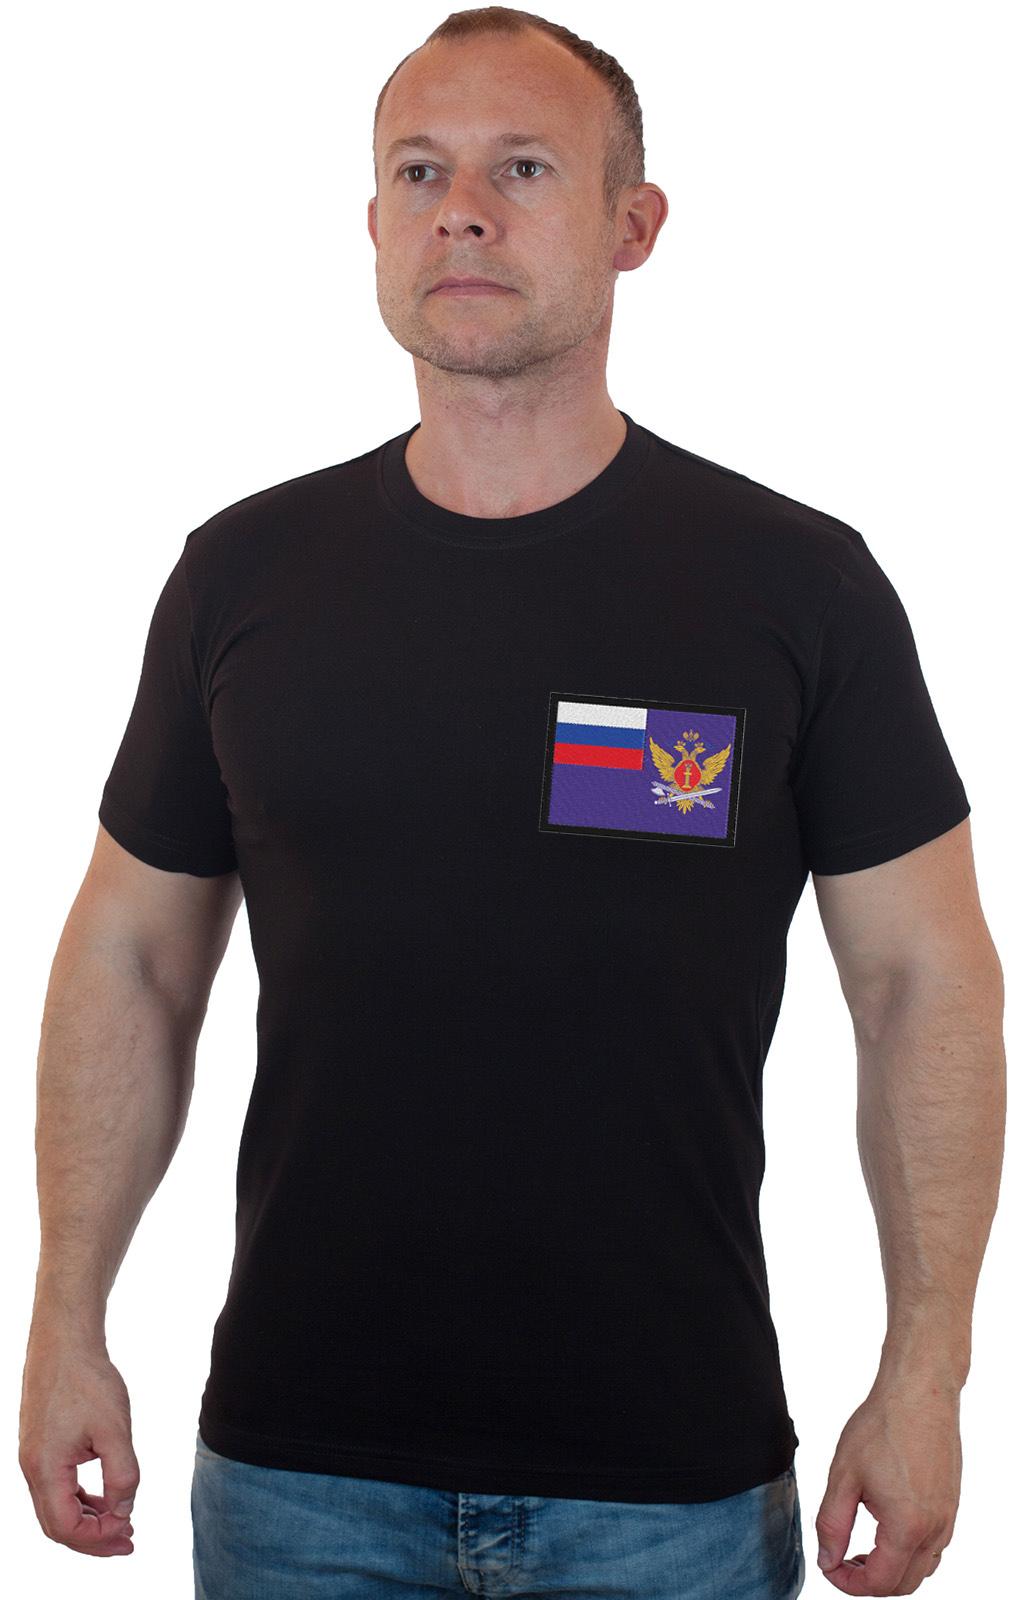 Купить в Москве мужскую футболку ФСИН